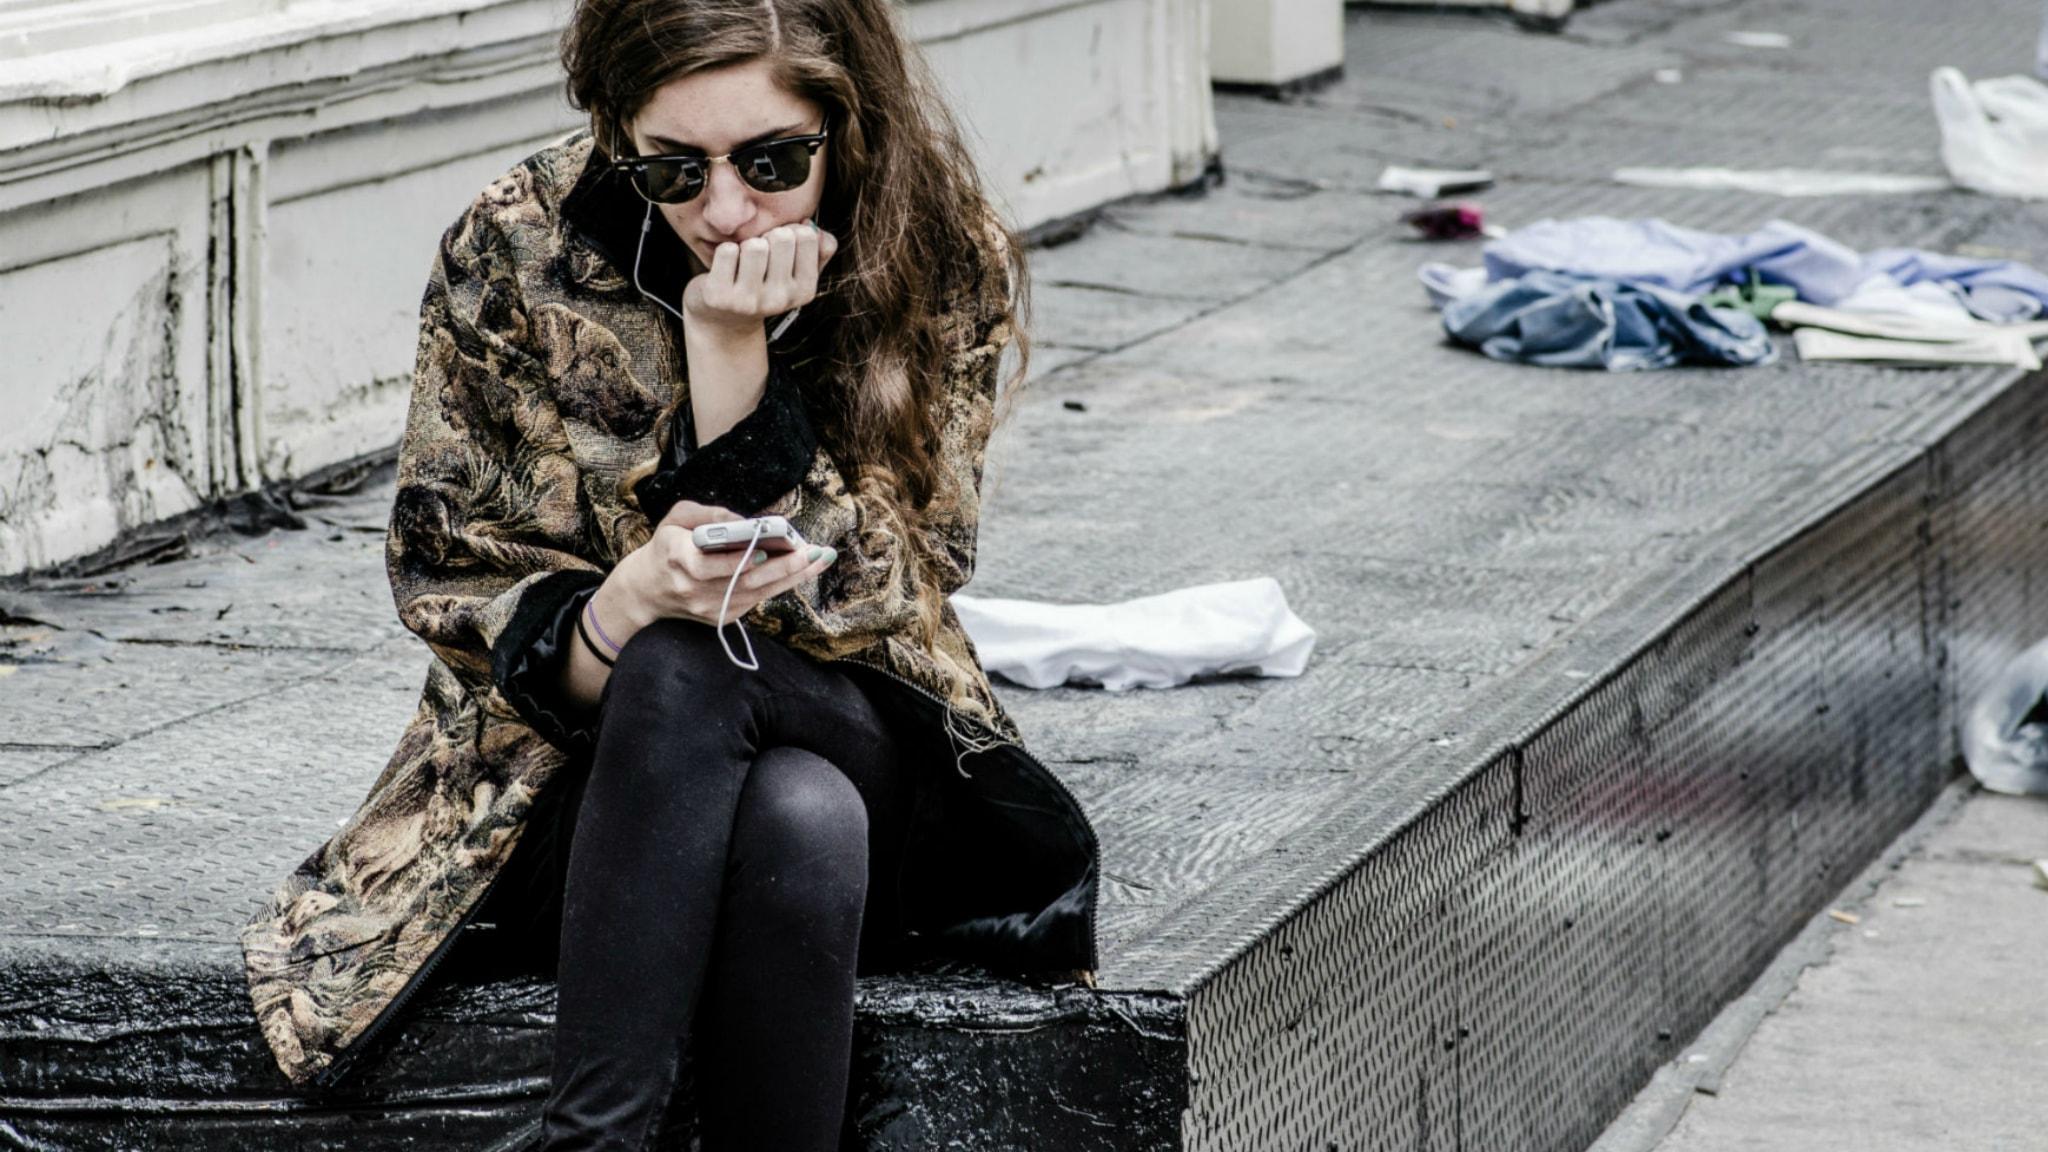 danska dejtingappar Berlin dating apps